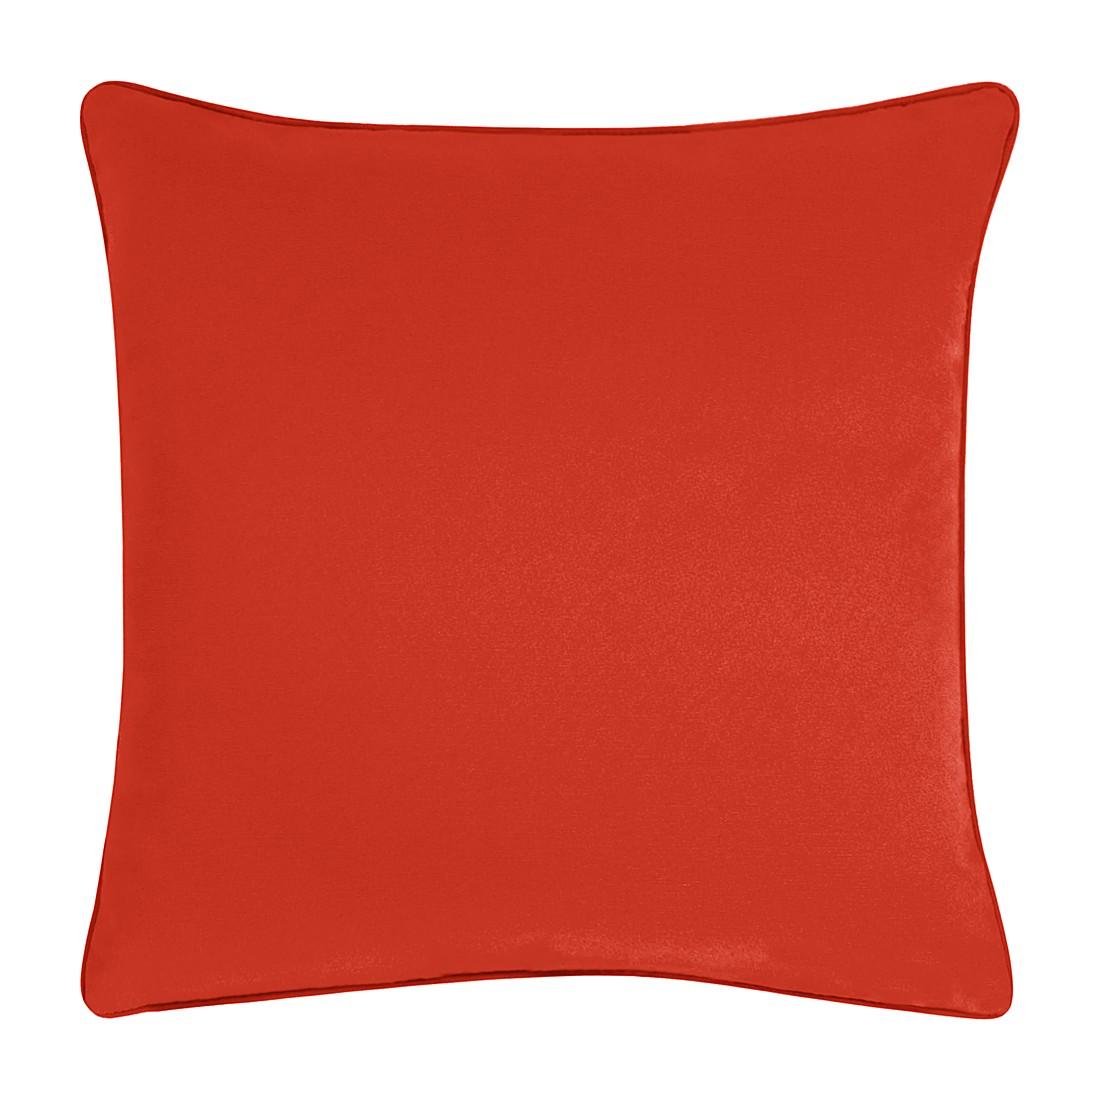 Kissenhülle Tizian – Rot – 40 x 40 cm, Apelt günstig